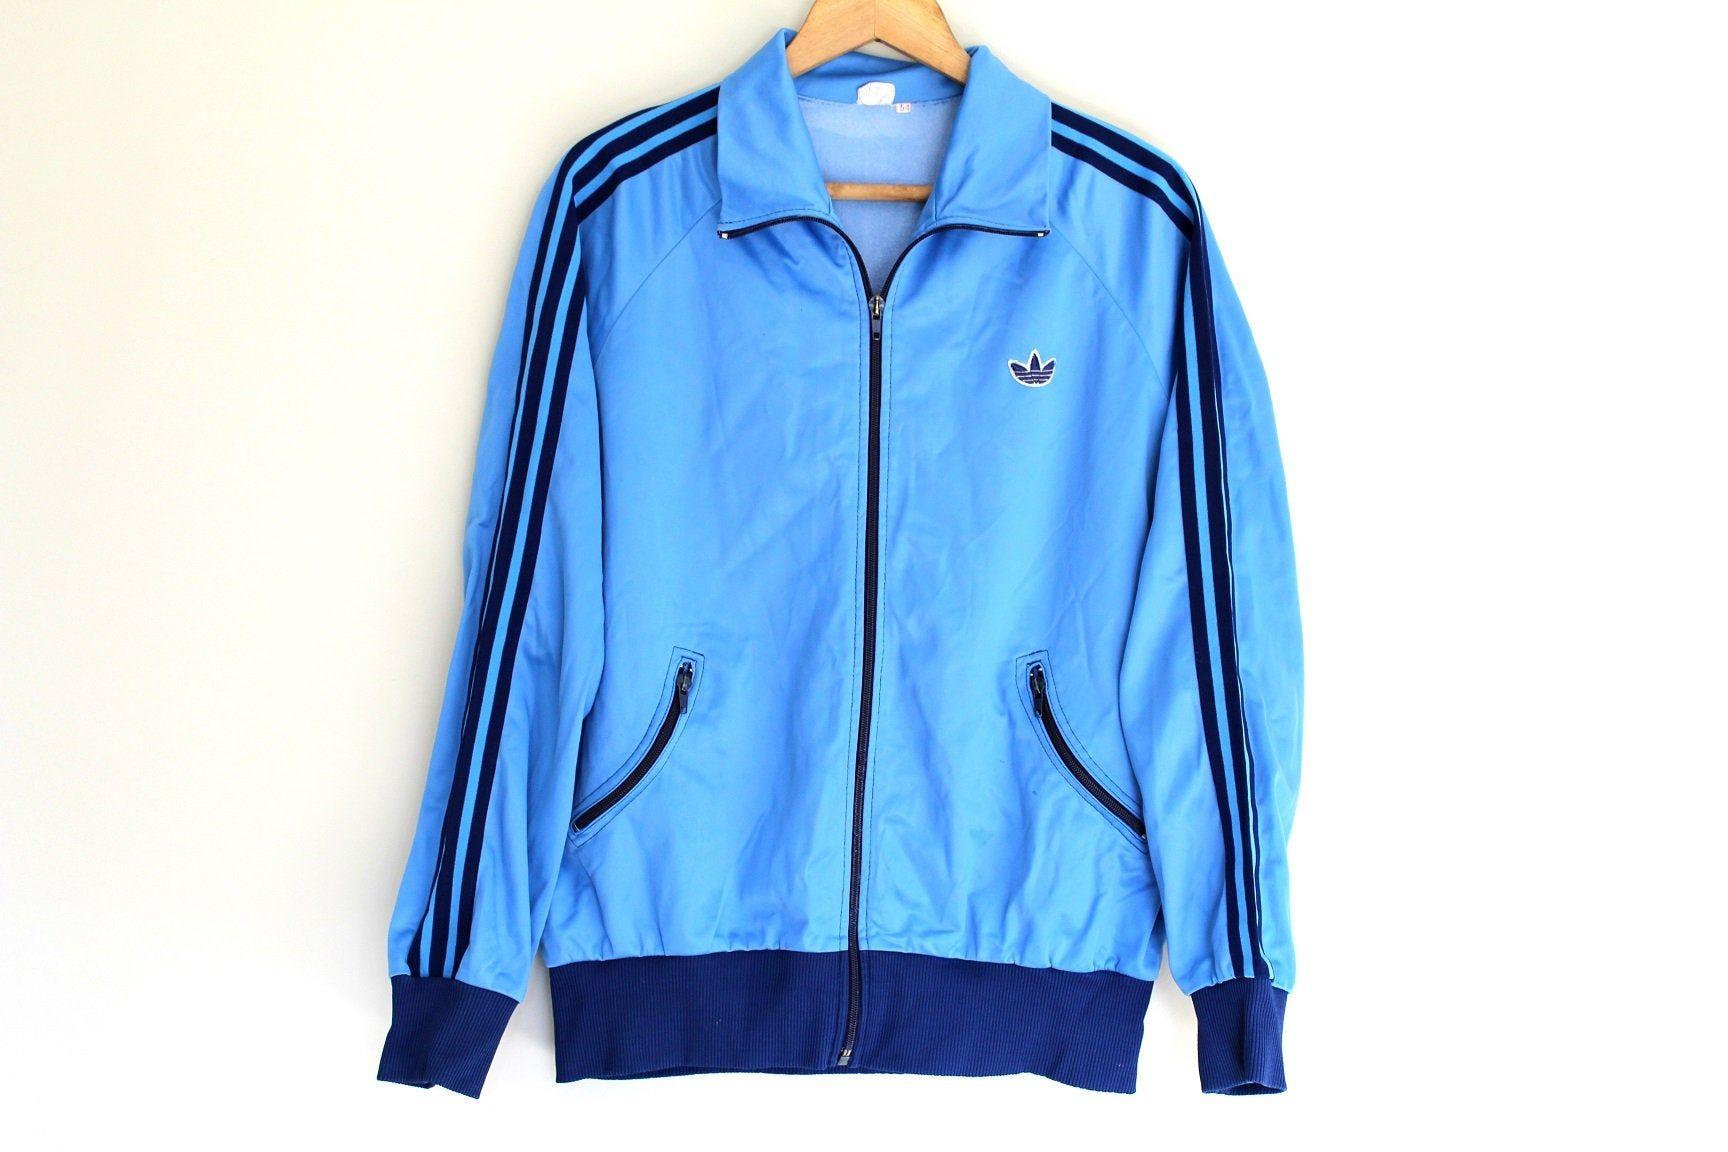 70's ADIDAS Jacket, Zip Up Adidas Sweatshirt, Old School